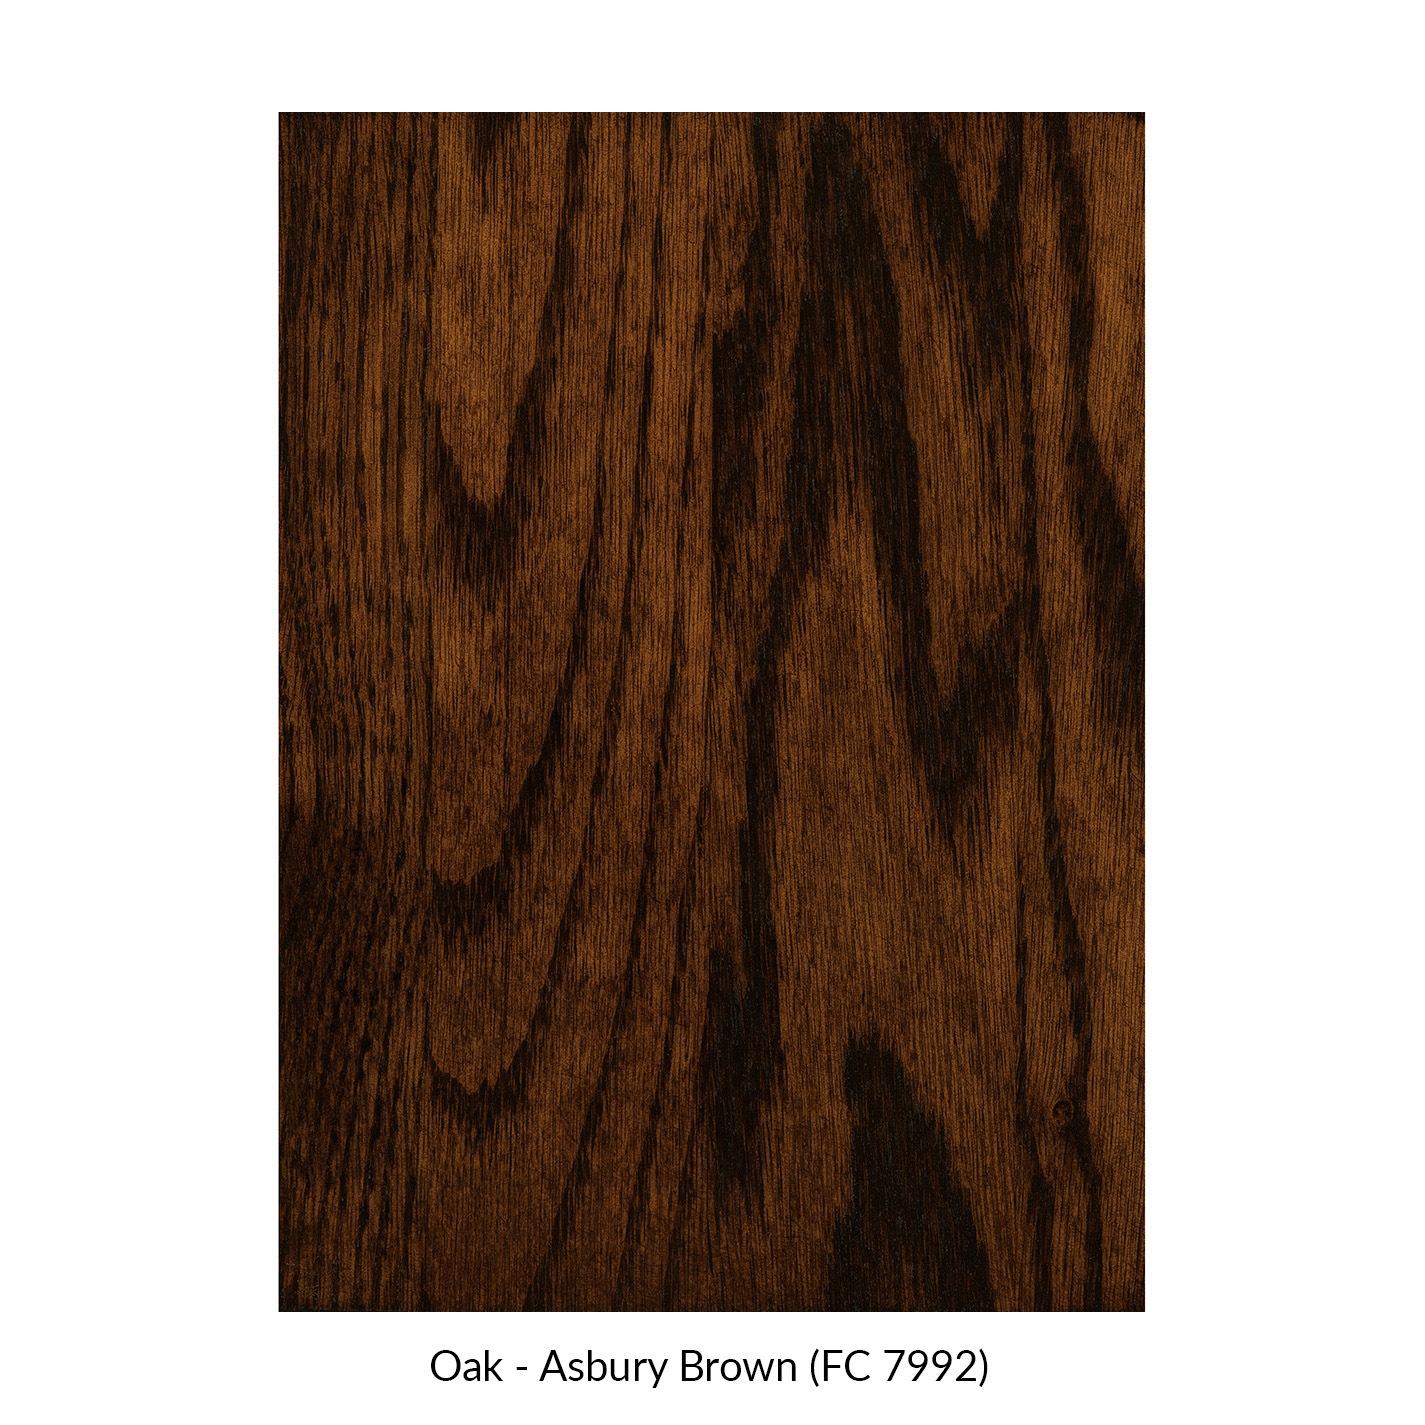 spectrum-oak-asbury-brown-fc-7992.jpg